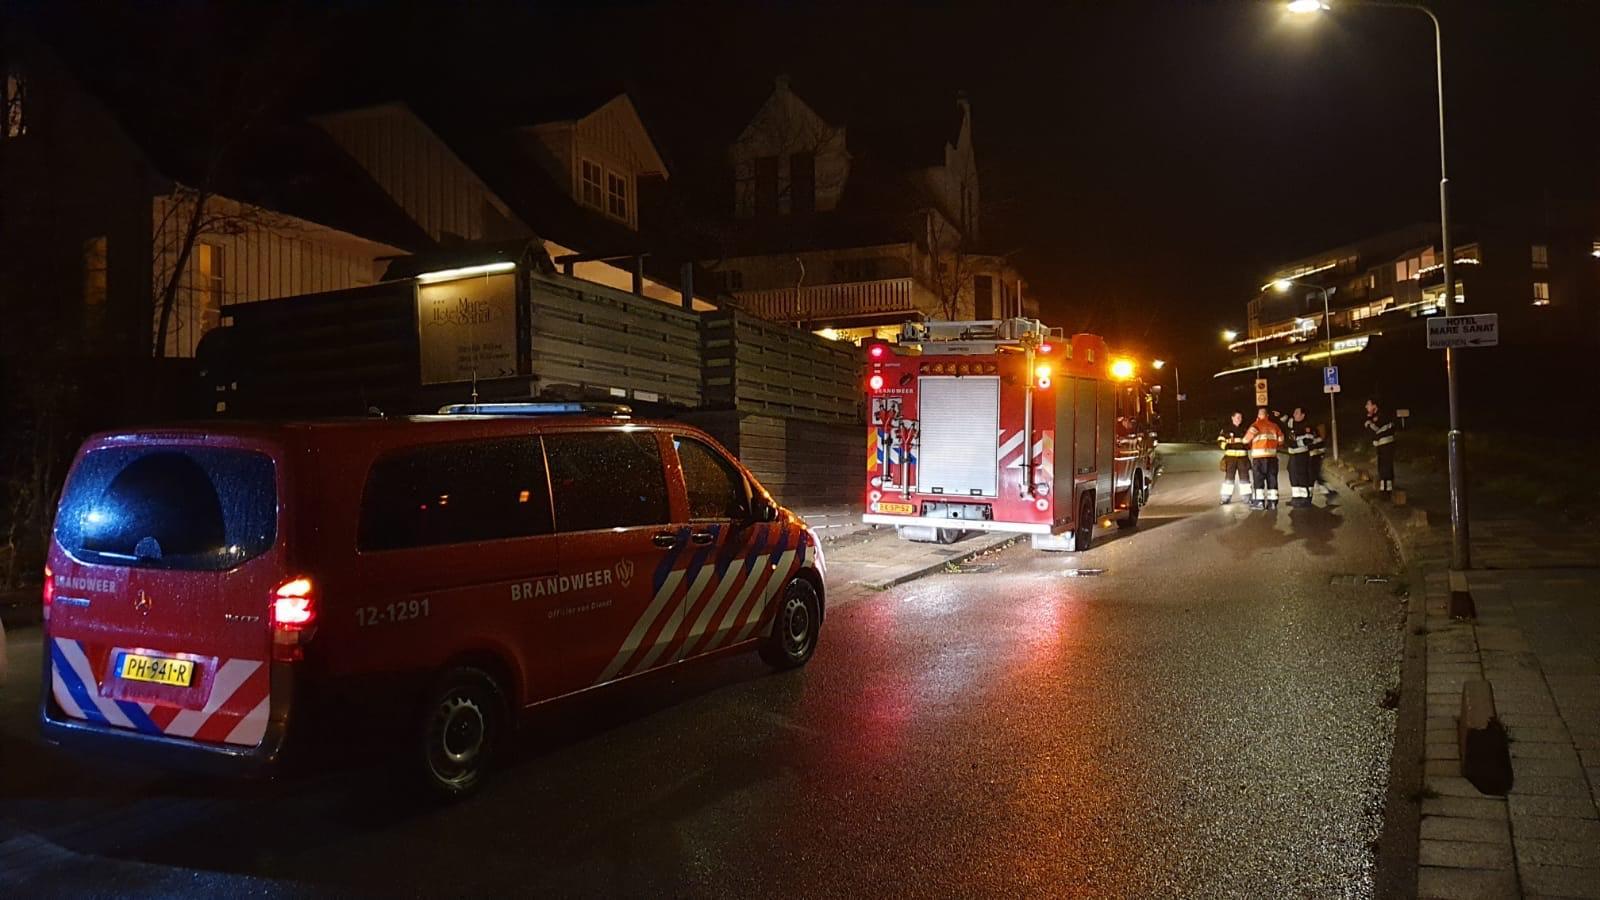 'Zwavelachtige lucht' in Wijk aan Zee afkomstig van Tata Steel [update]